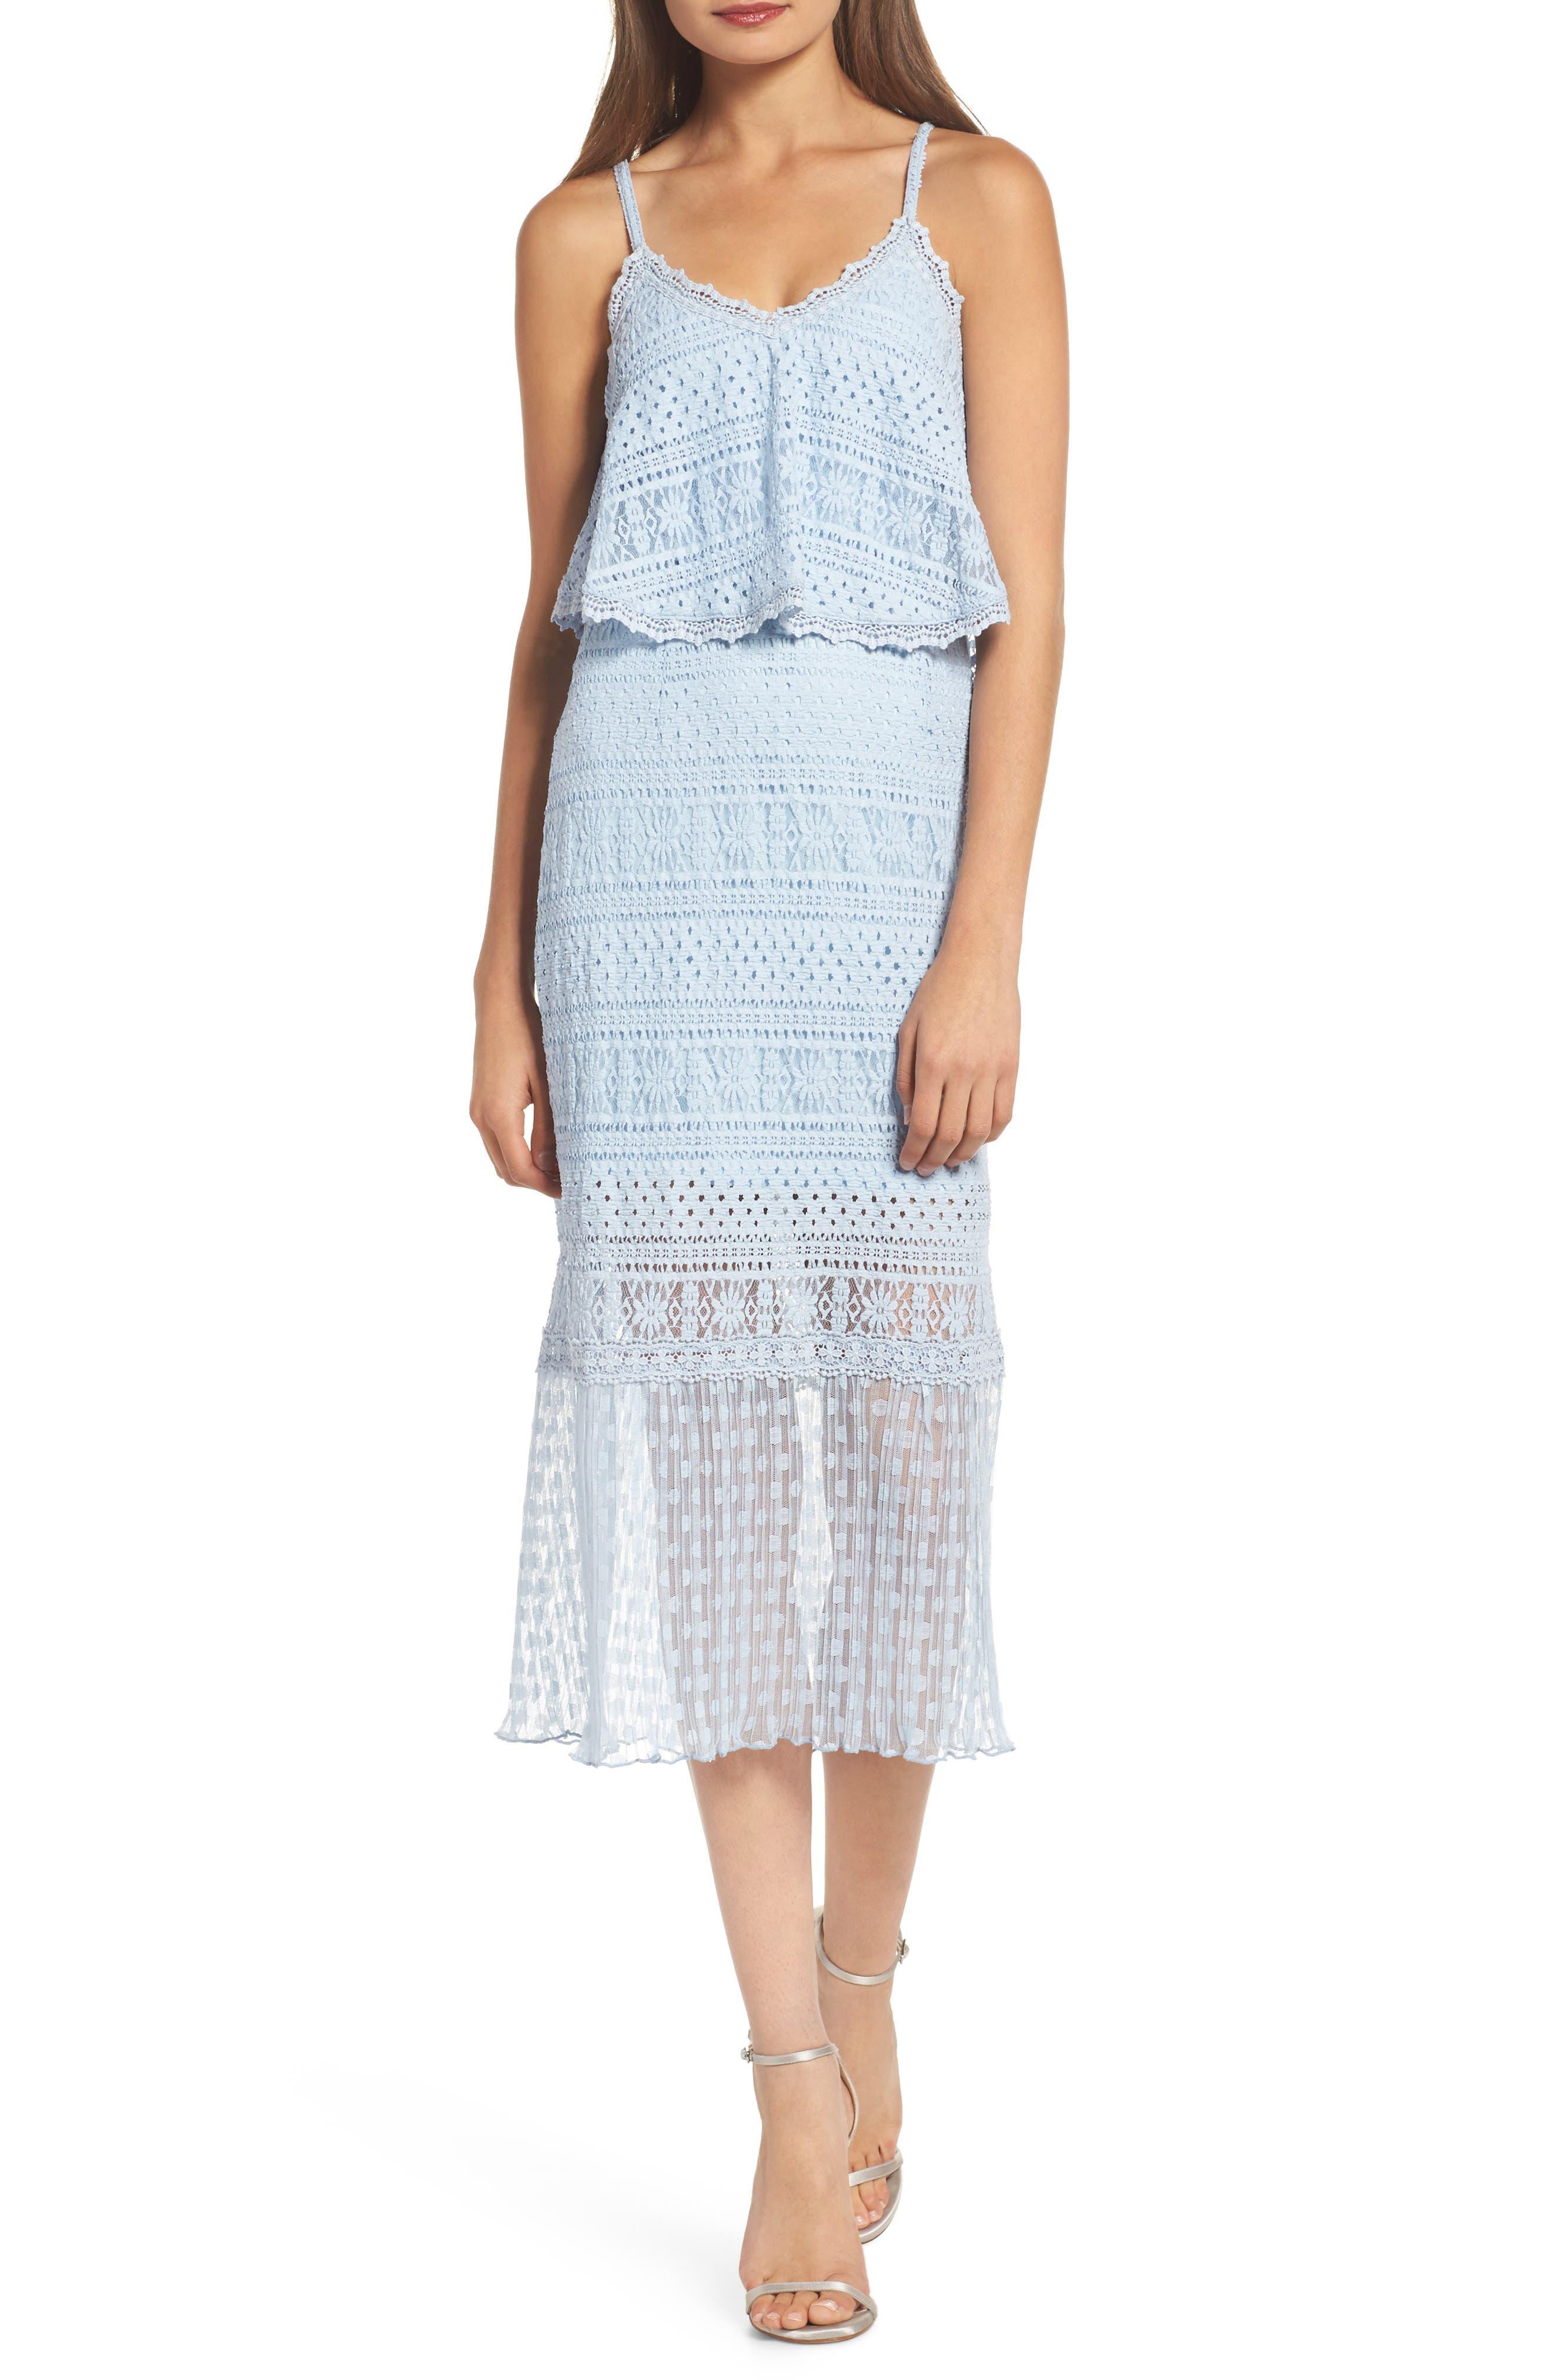 Ellie Lace Popover Midi Dress,                             Main thumbnail 1, color,                             Celestial Blue